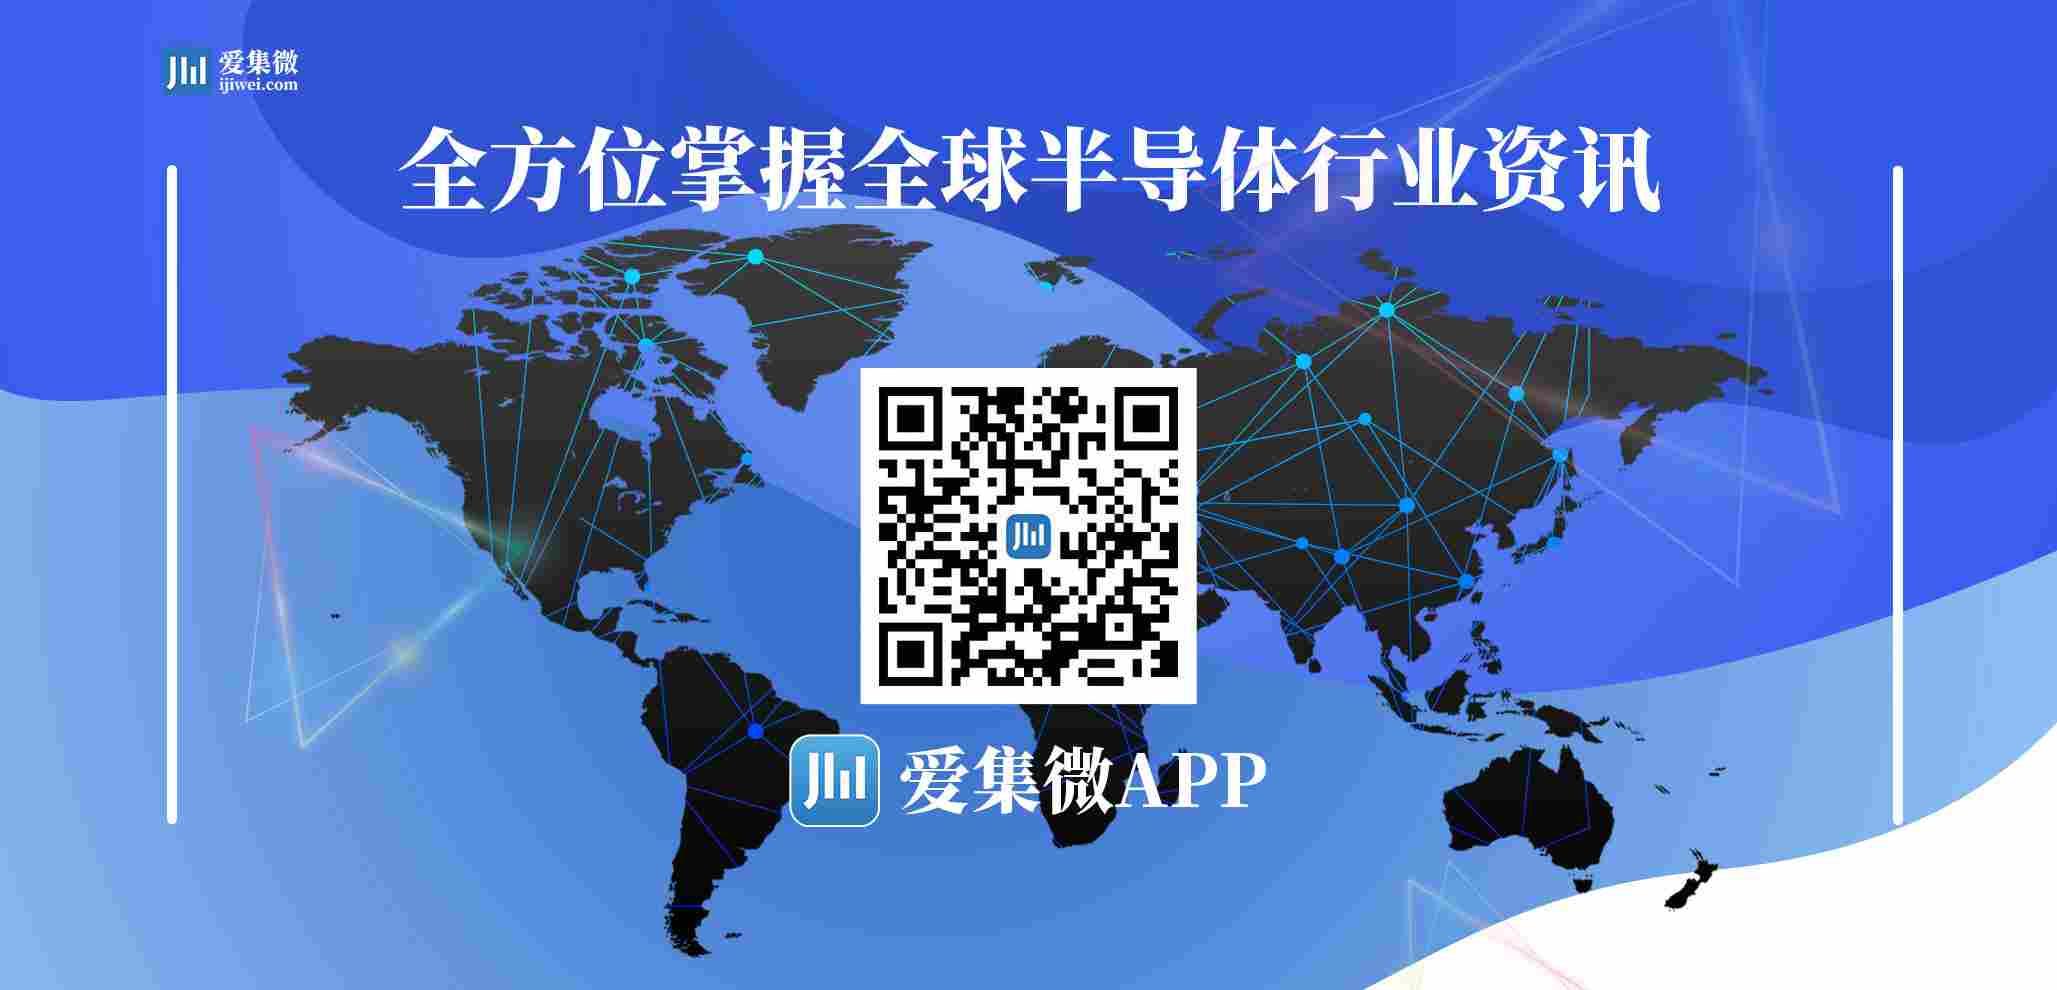 http://www.reviewcode.cn/jiagousheji/76349.html